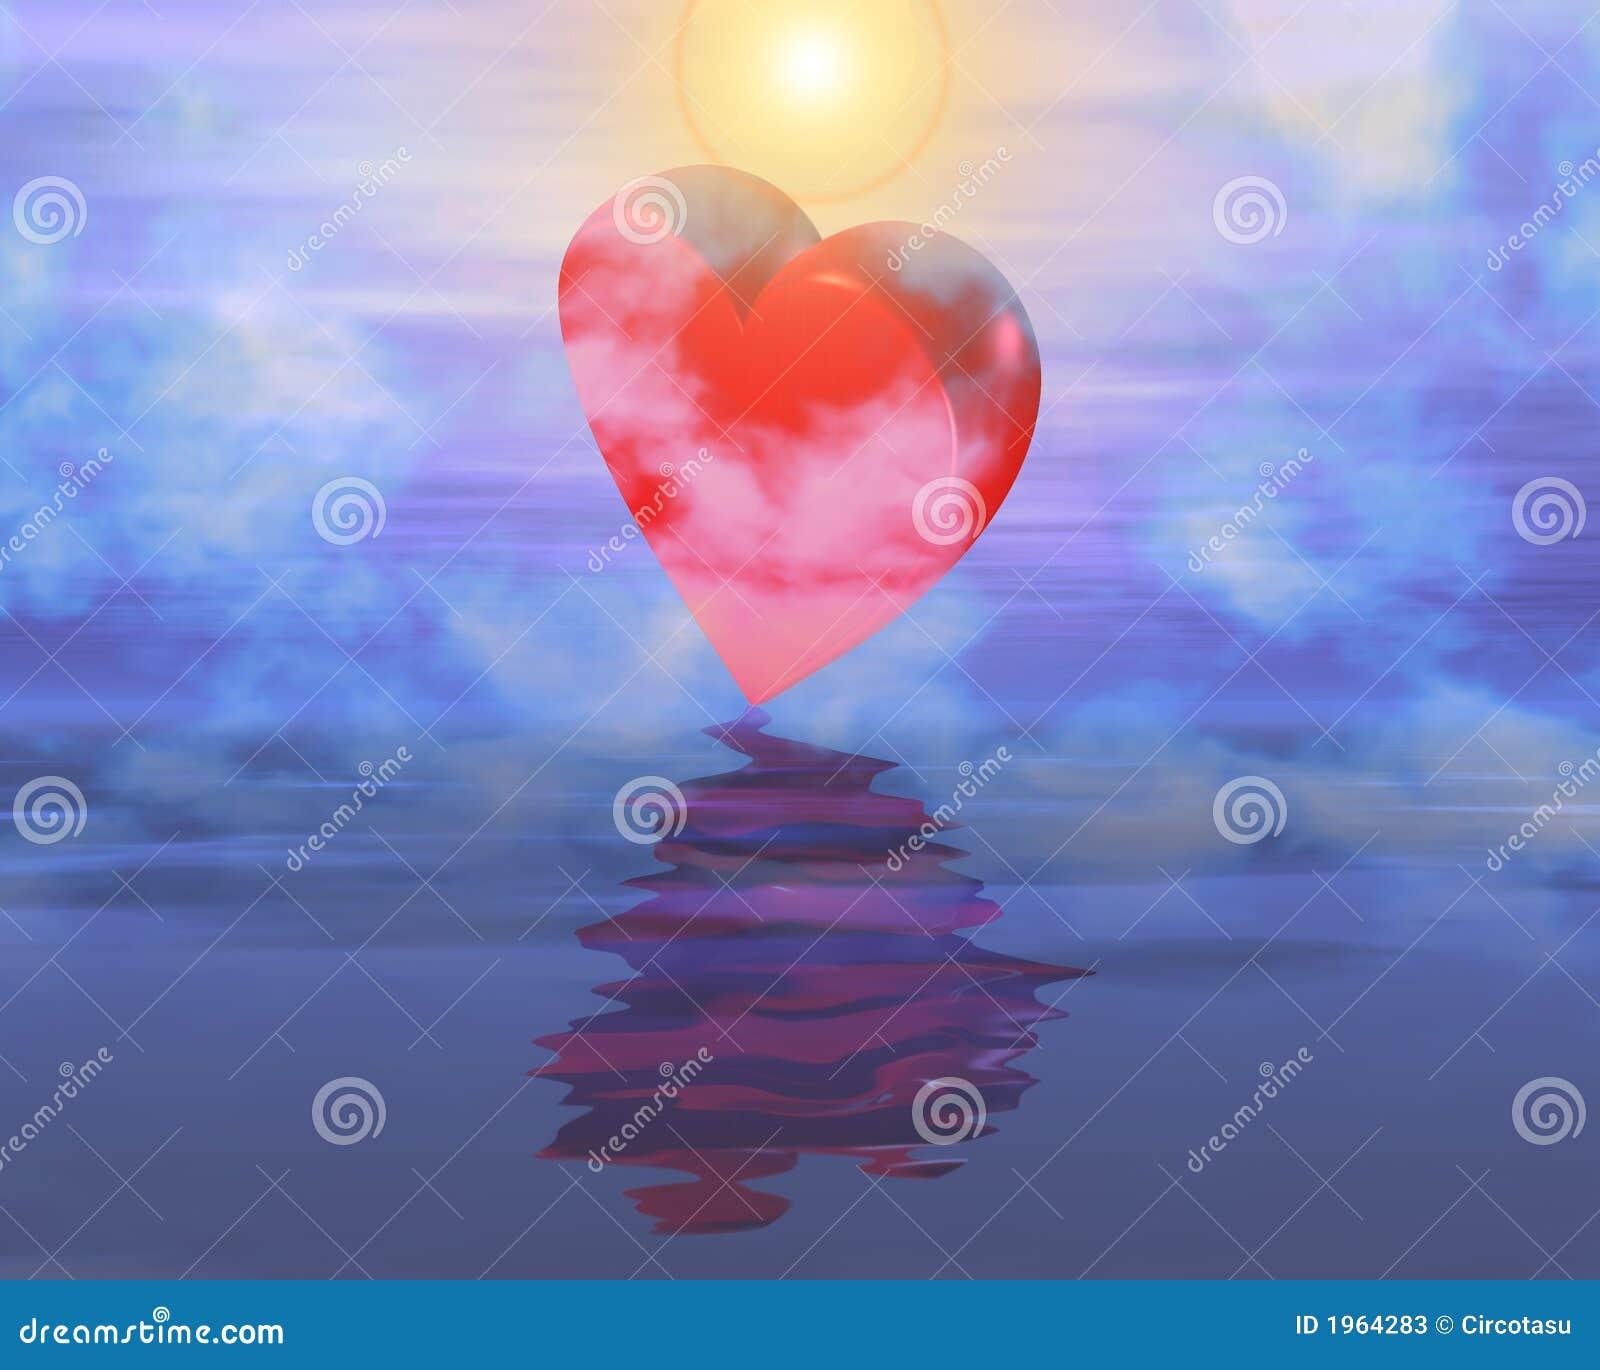 Citaten Over Zonsondergang : De bezinning van het hart over zonsondergang mistige hemel